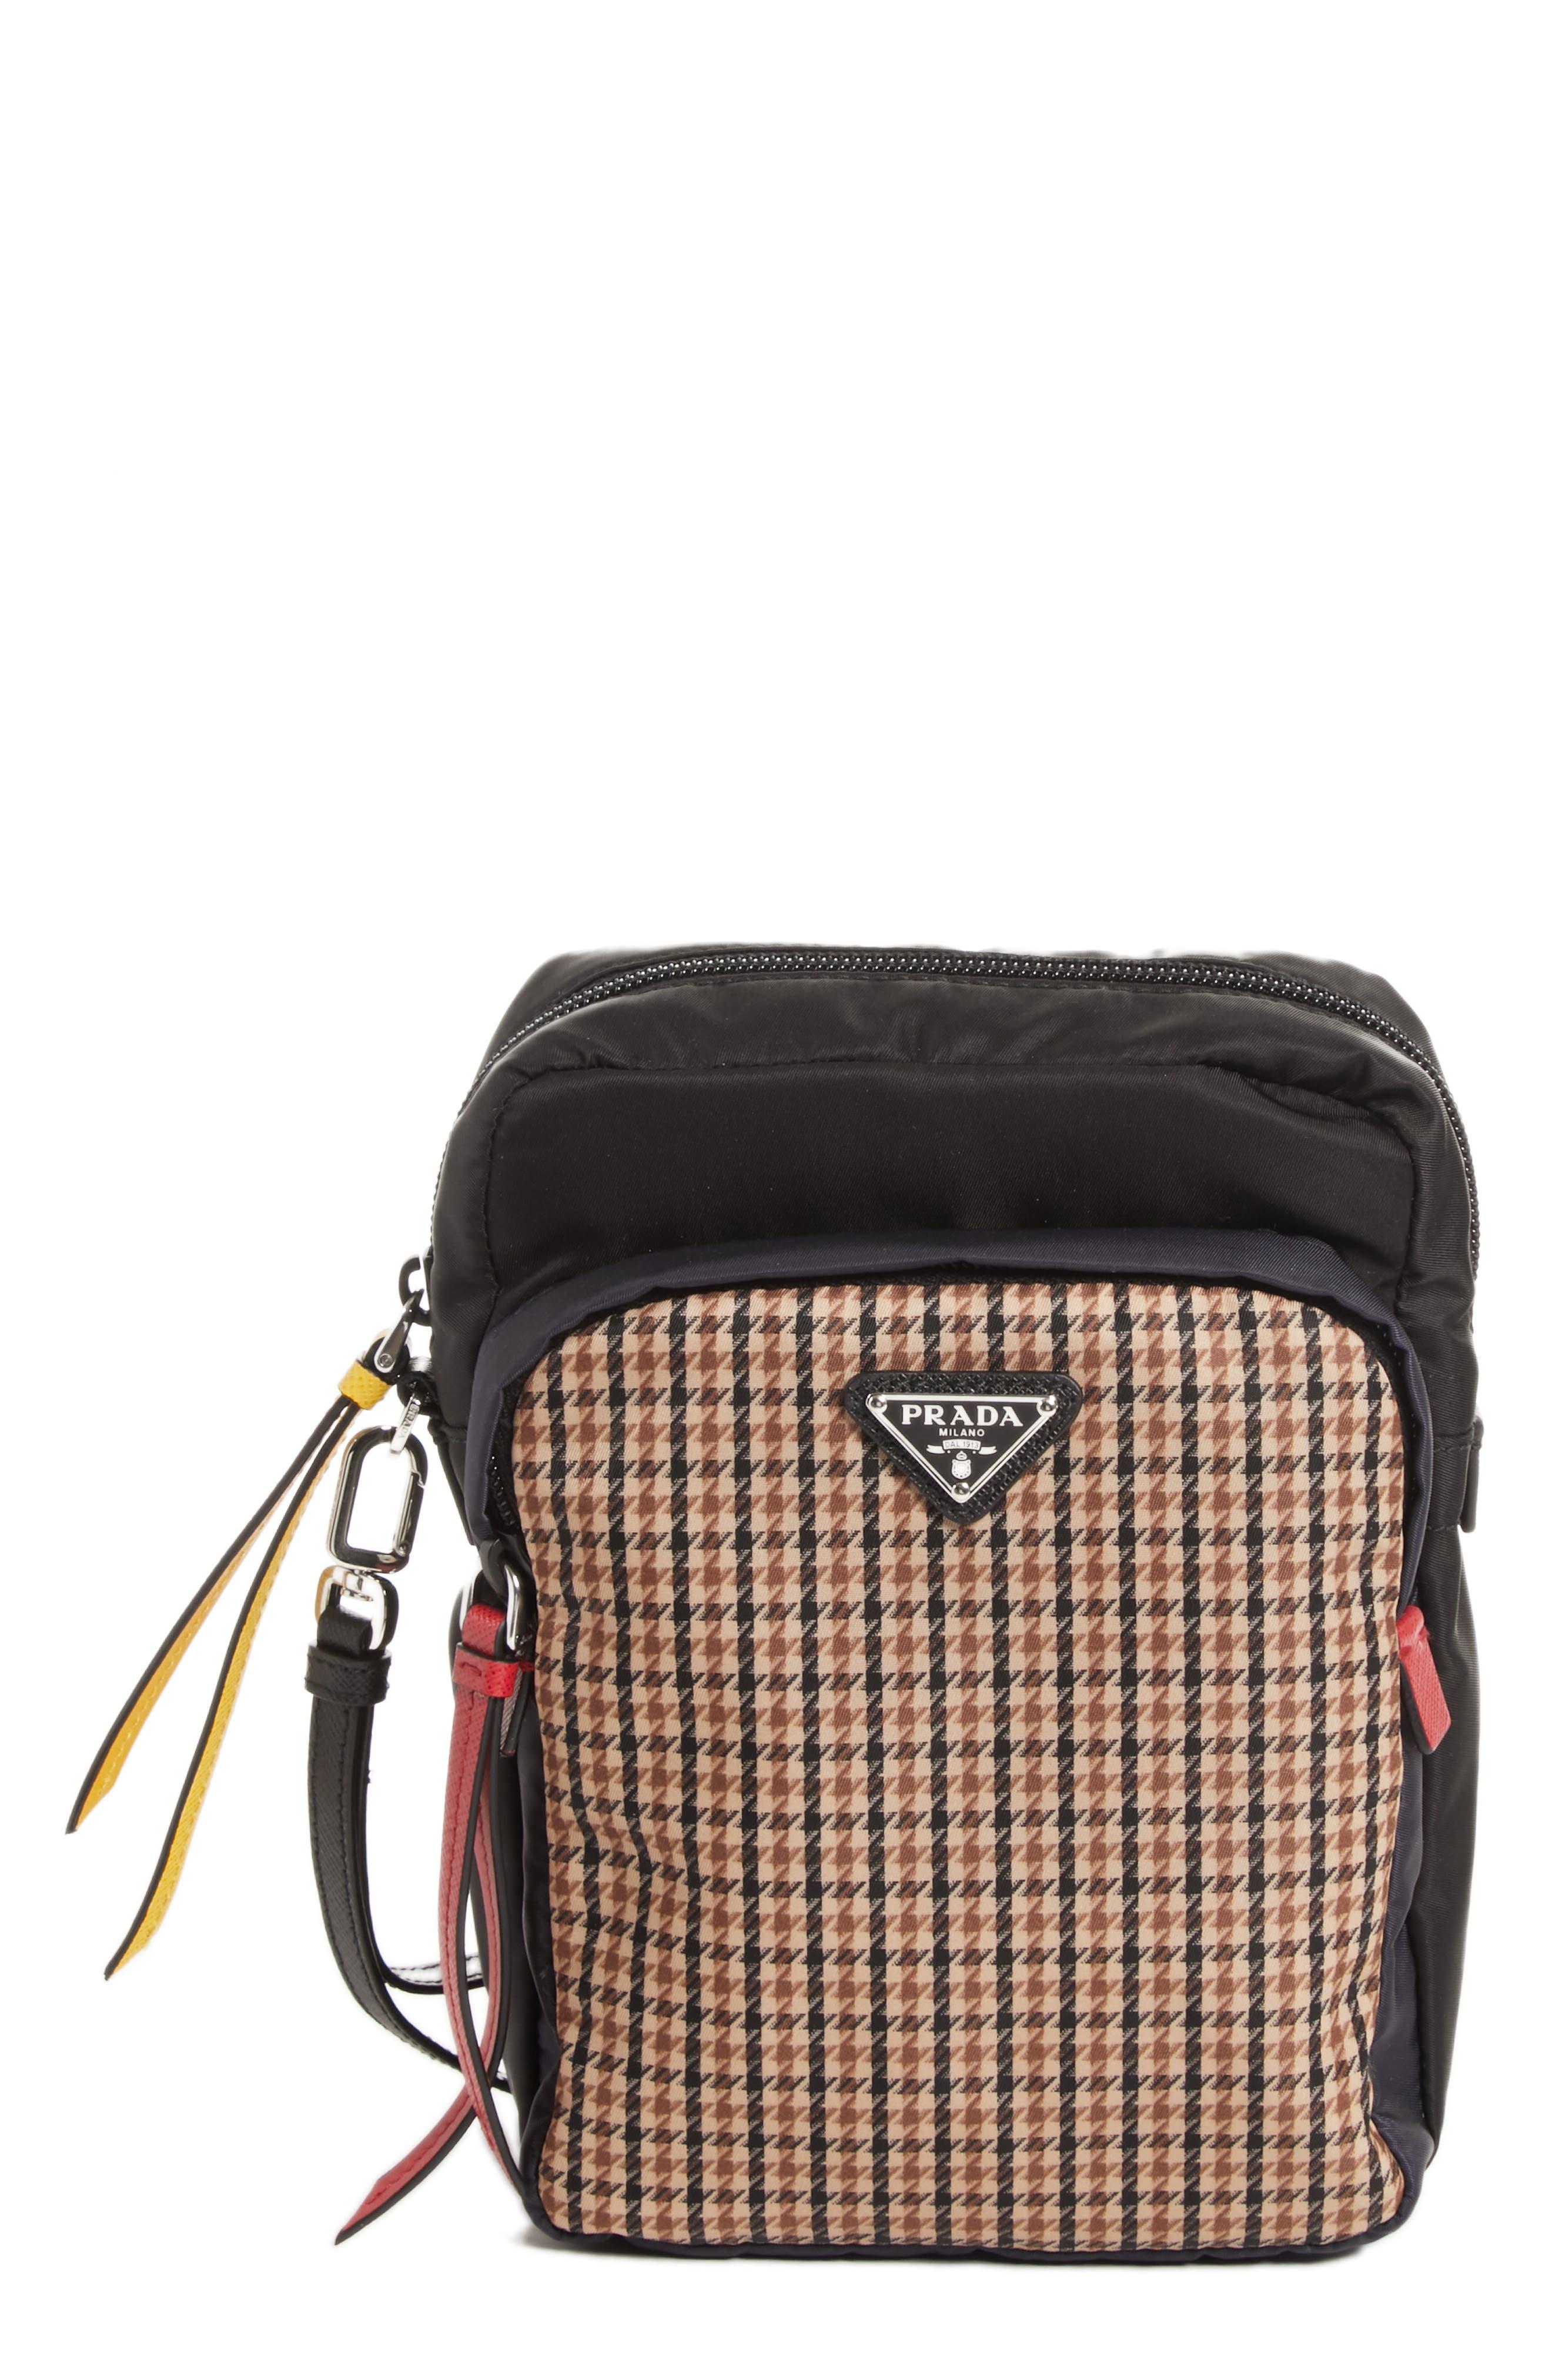 Tessudo Nylon Wrist Bag,                         Main,                         color, CAMEL